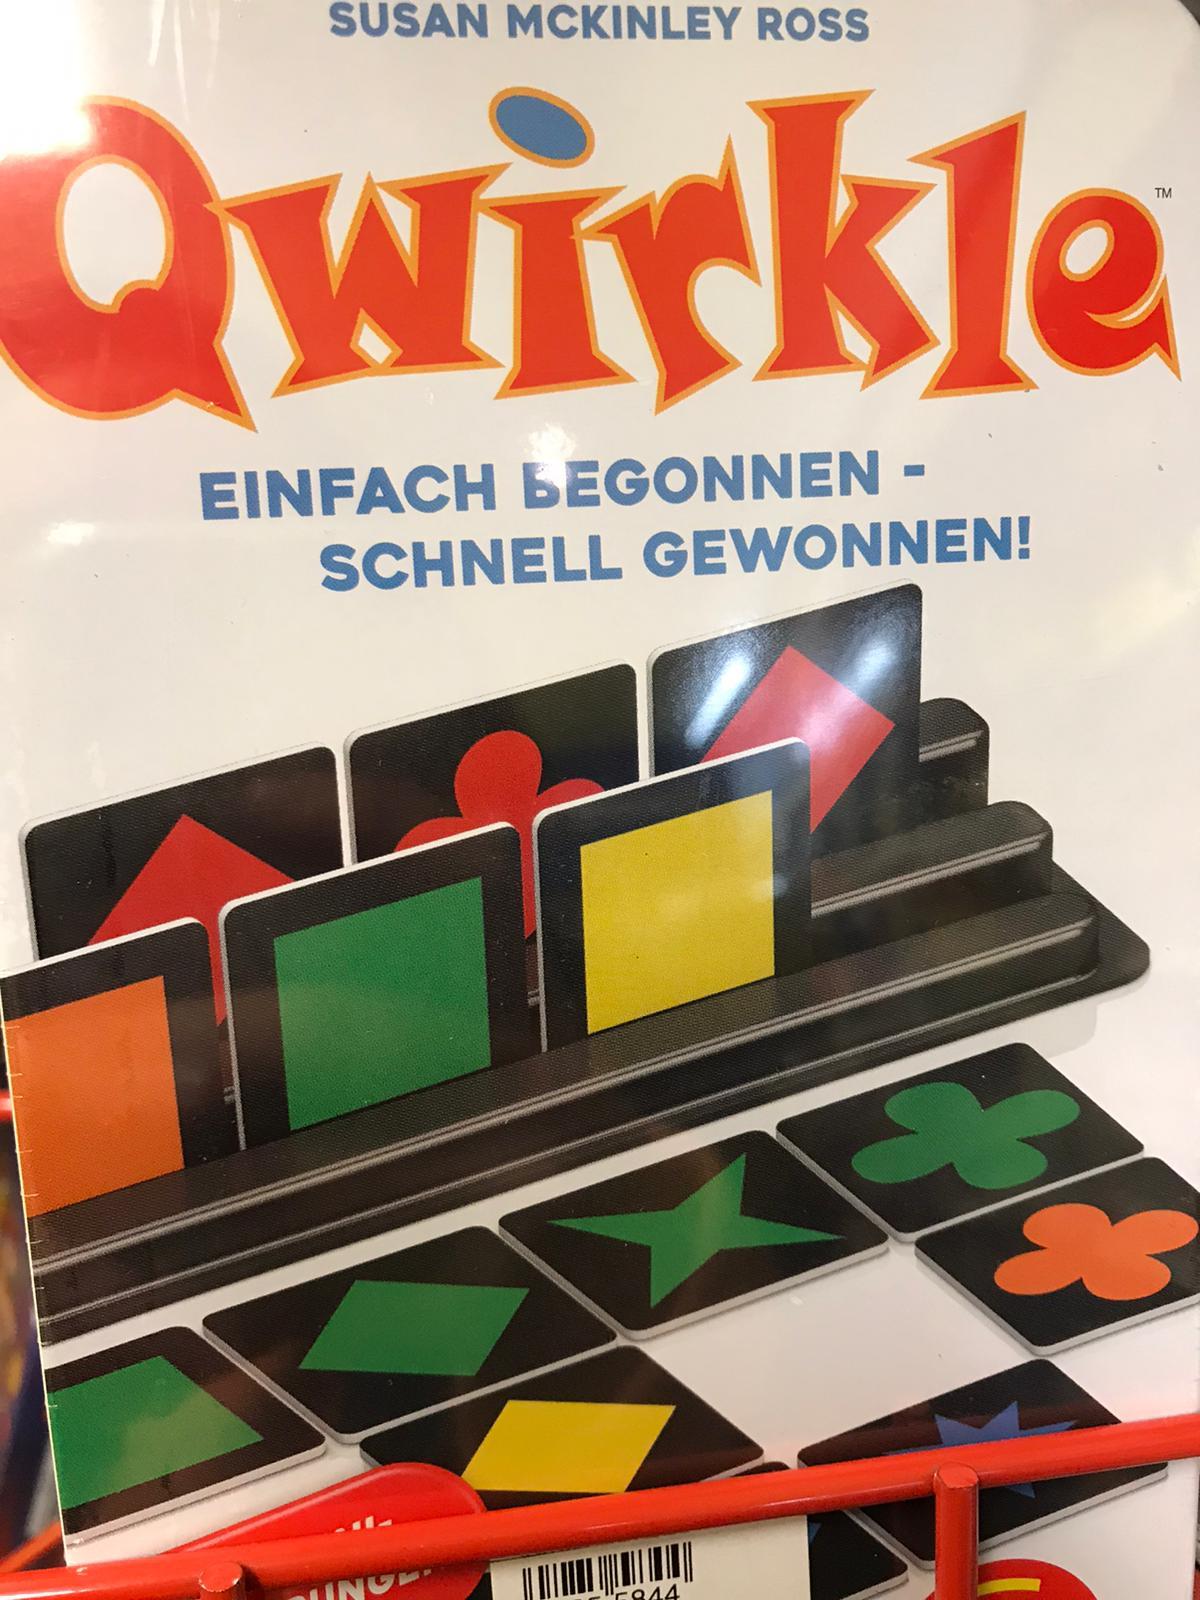 Qwirkle Spiel – Anleitung, Spielzubehör, Auswertung